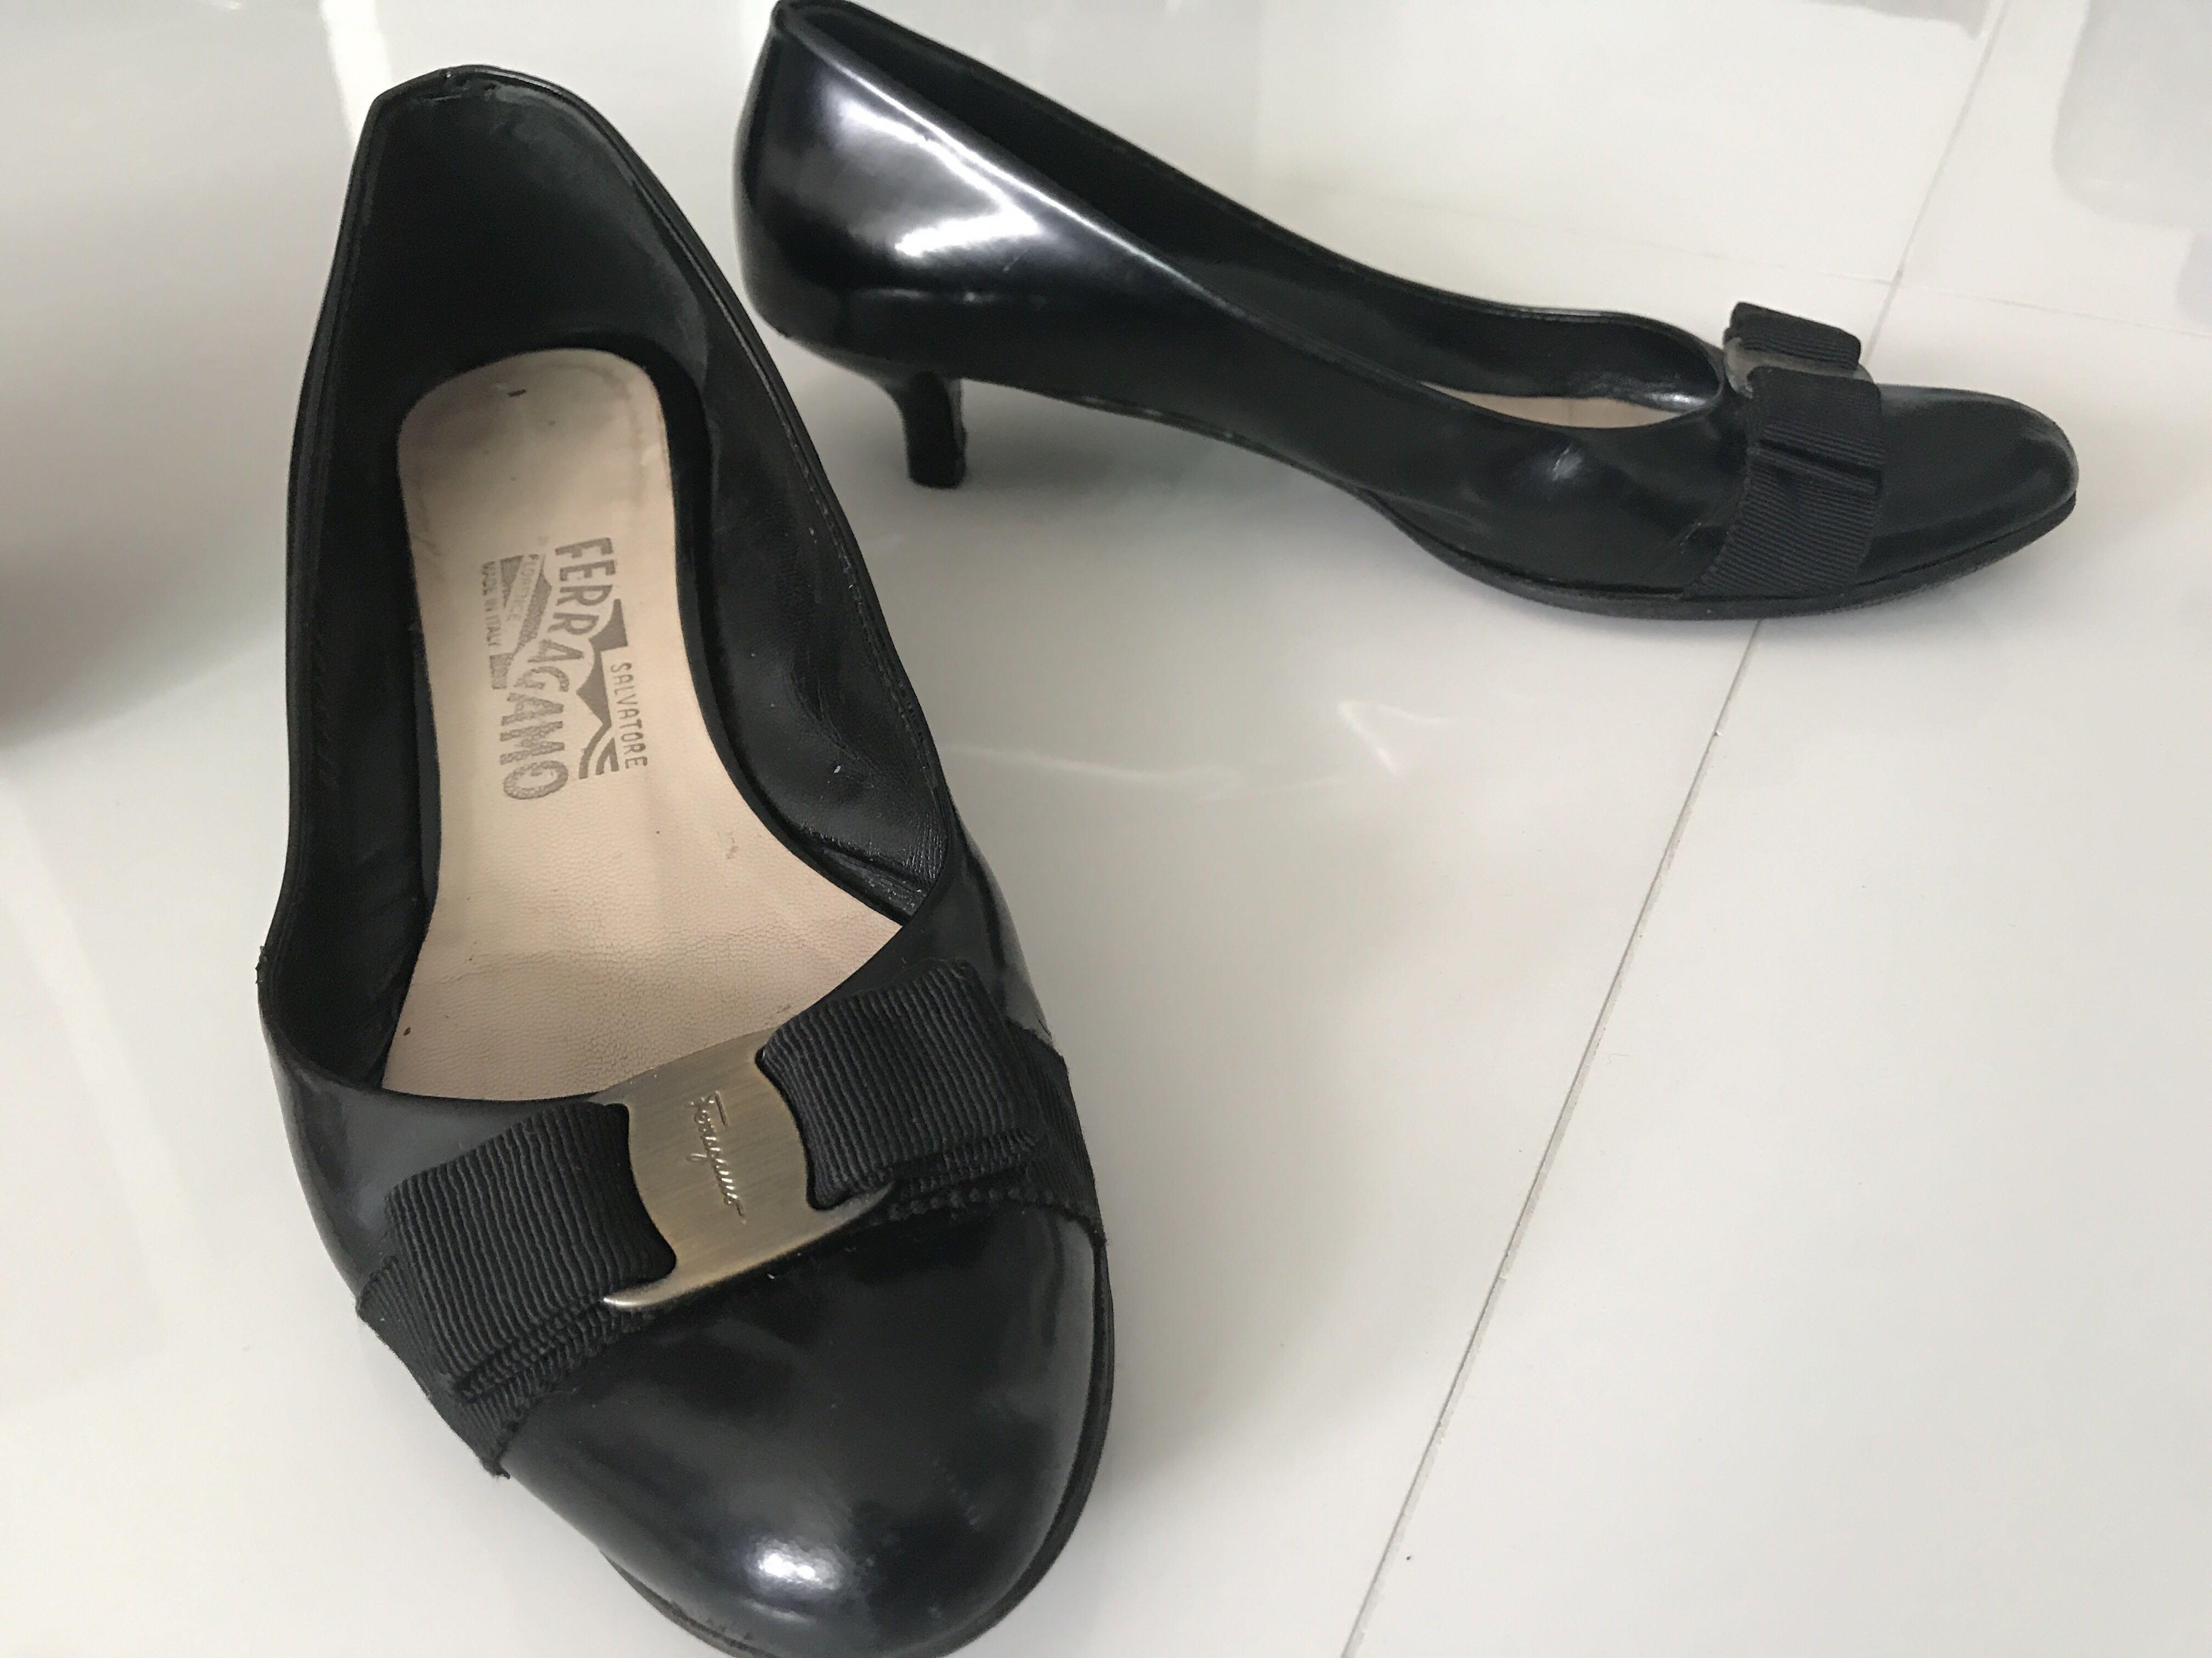 5283c692735 Salvatore Ferragamo ladies heels for sale